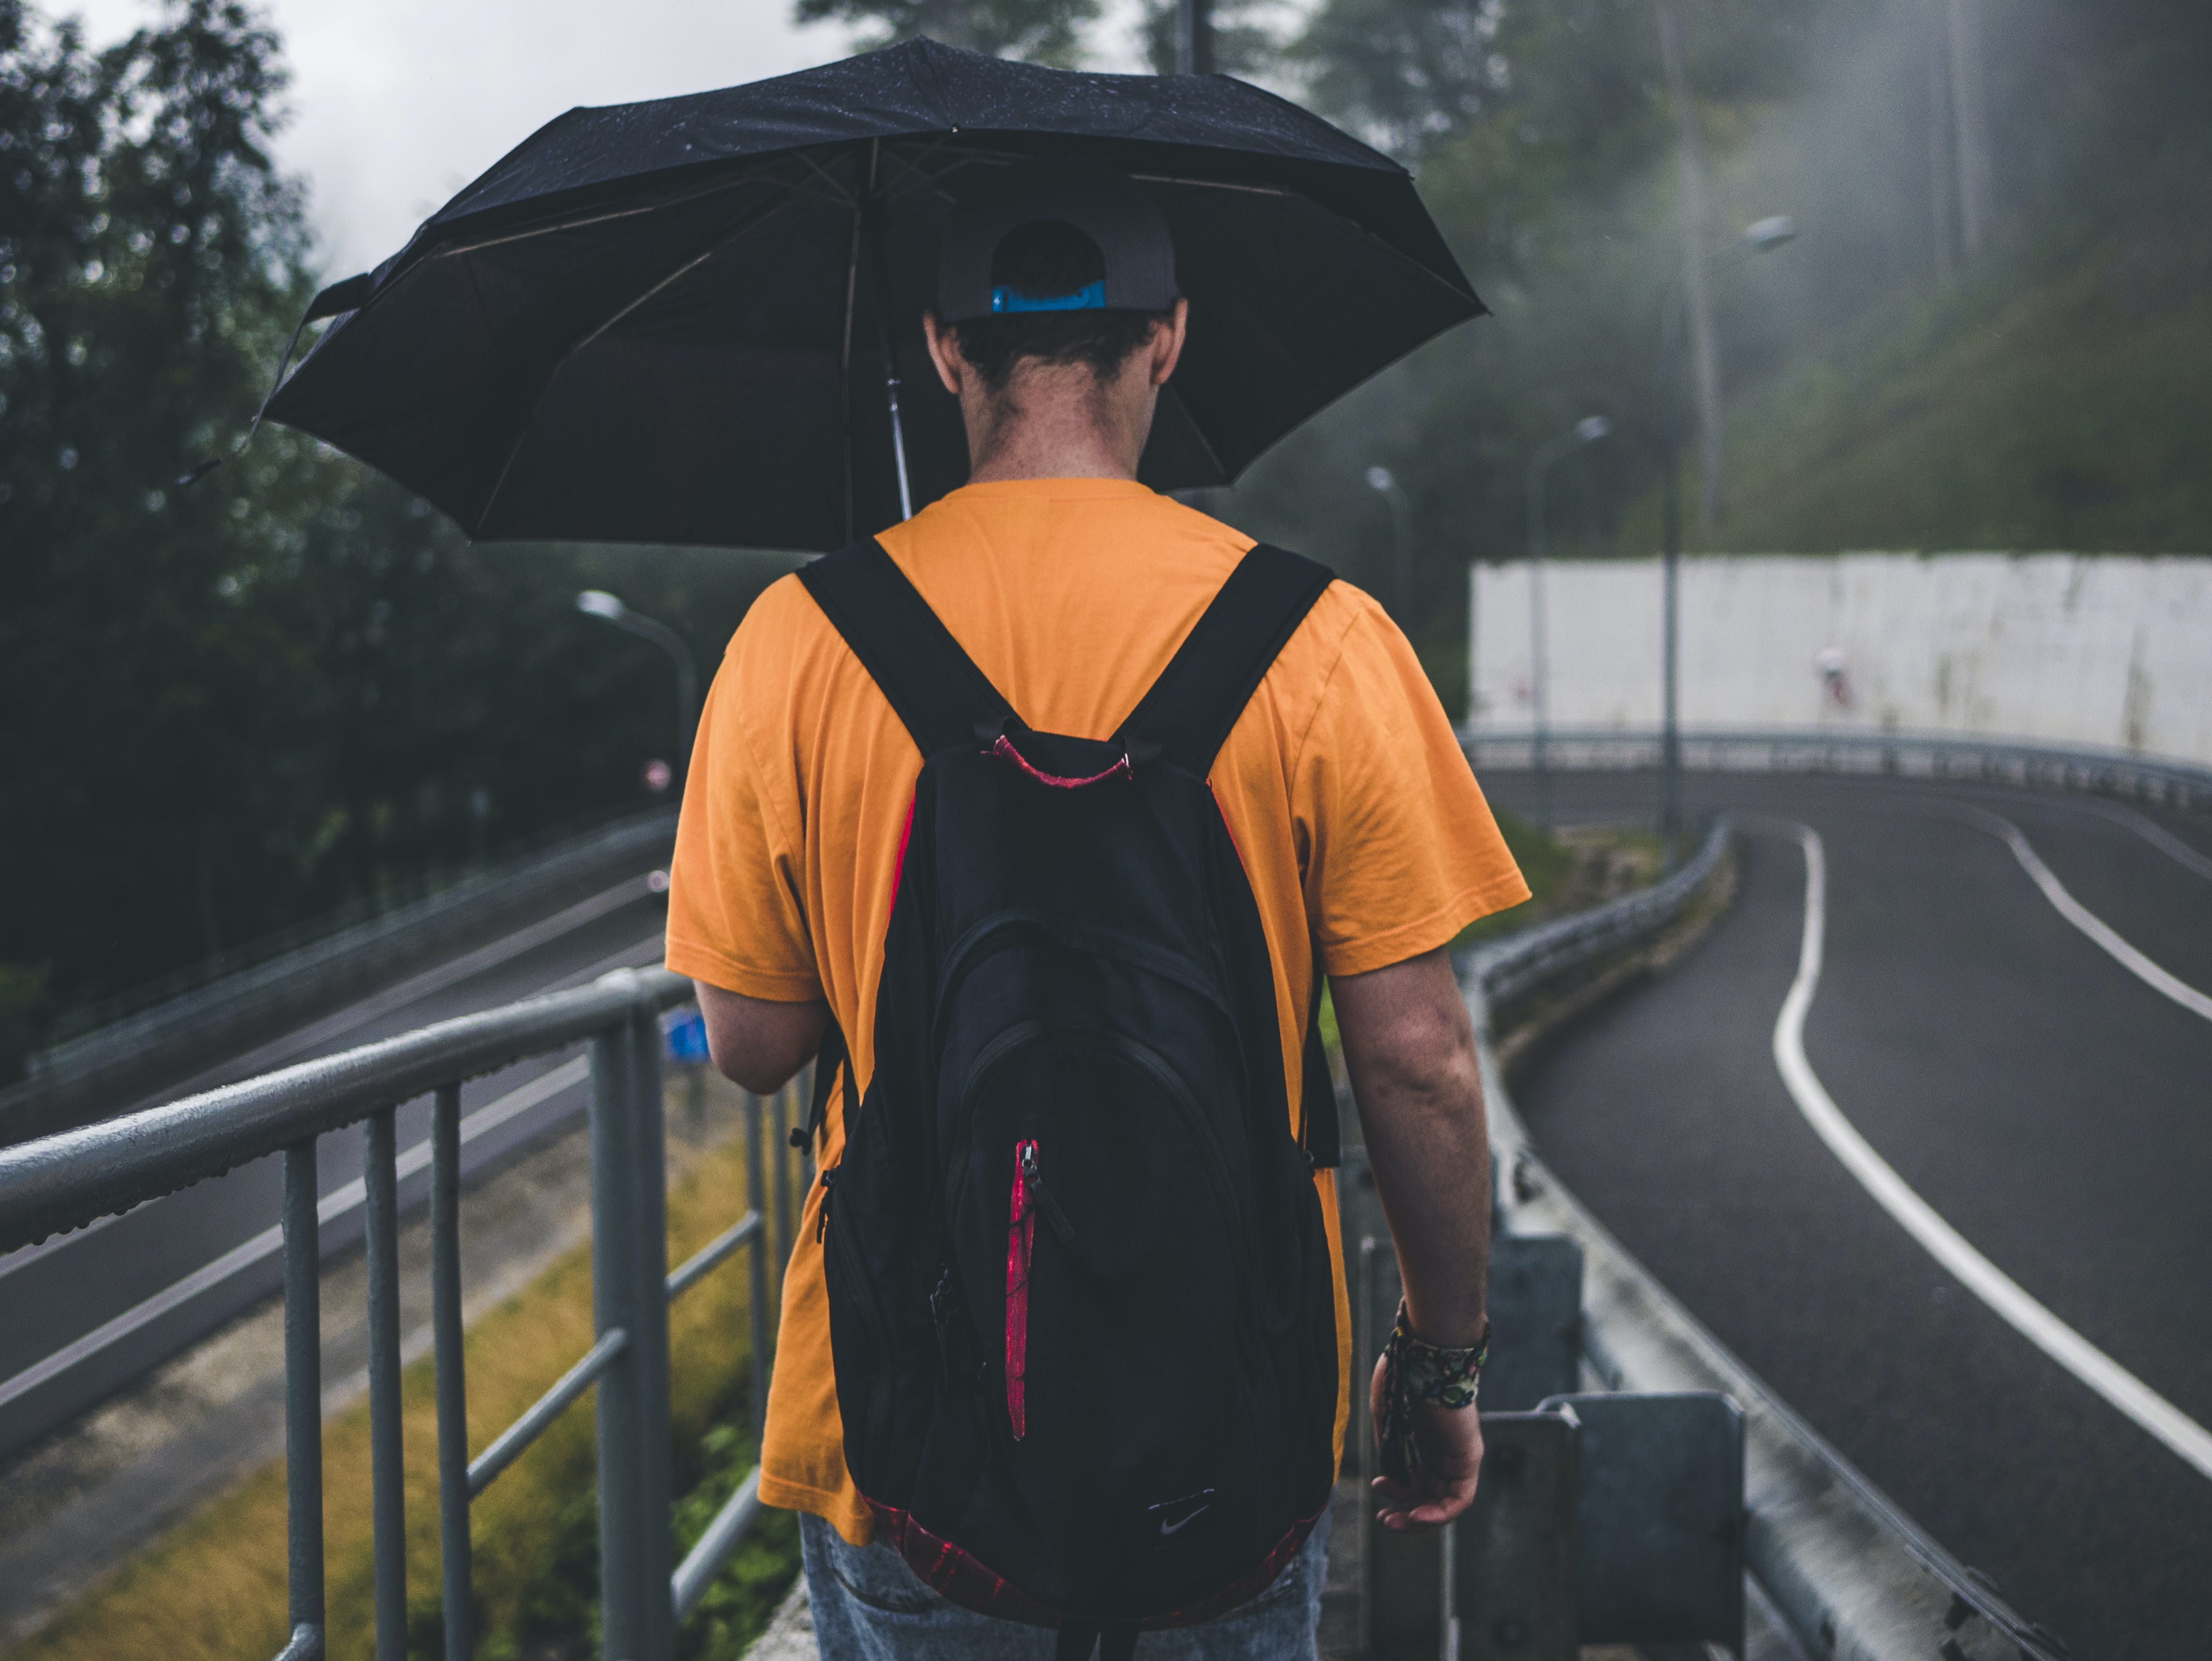 Man Wearing Orange Shirt Holding Black Umbrella